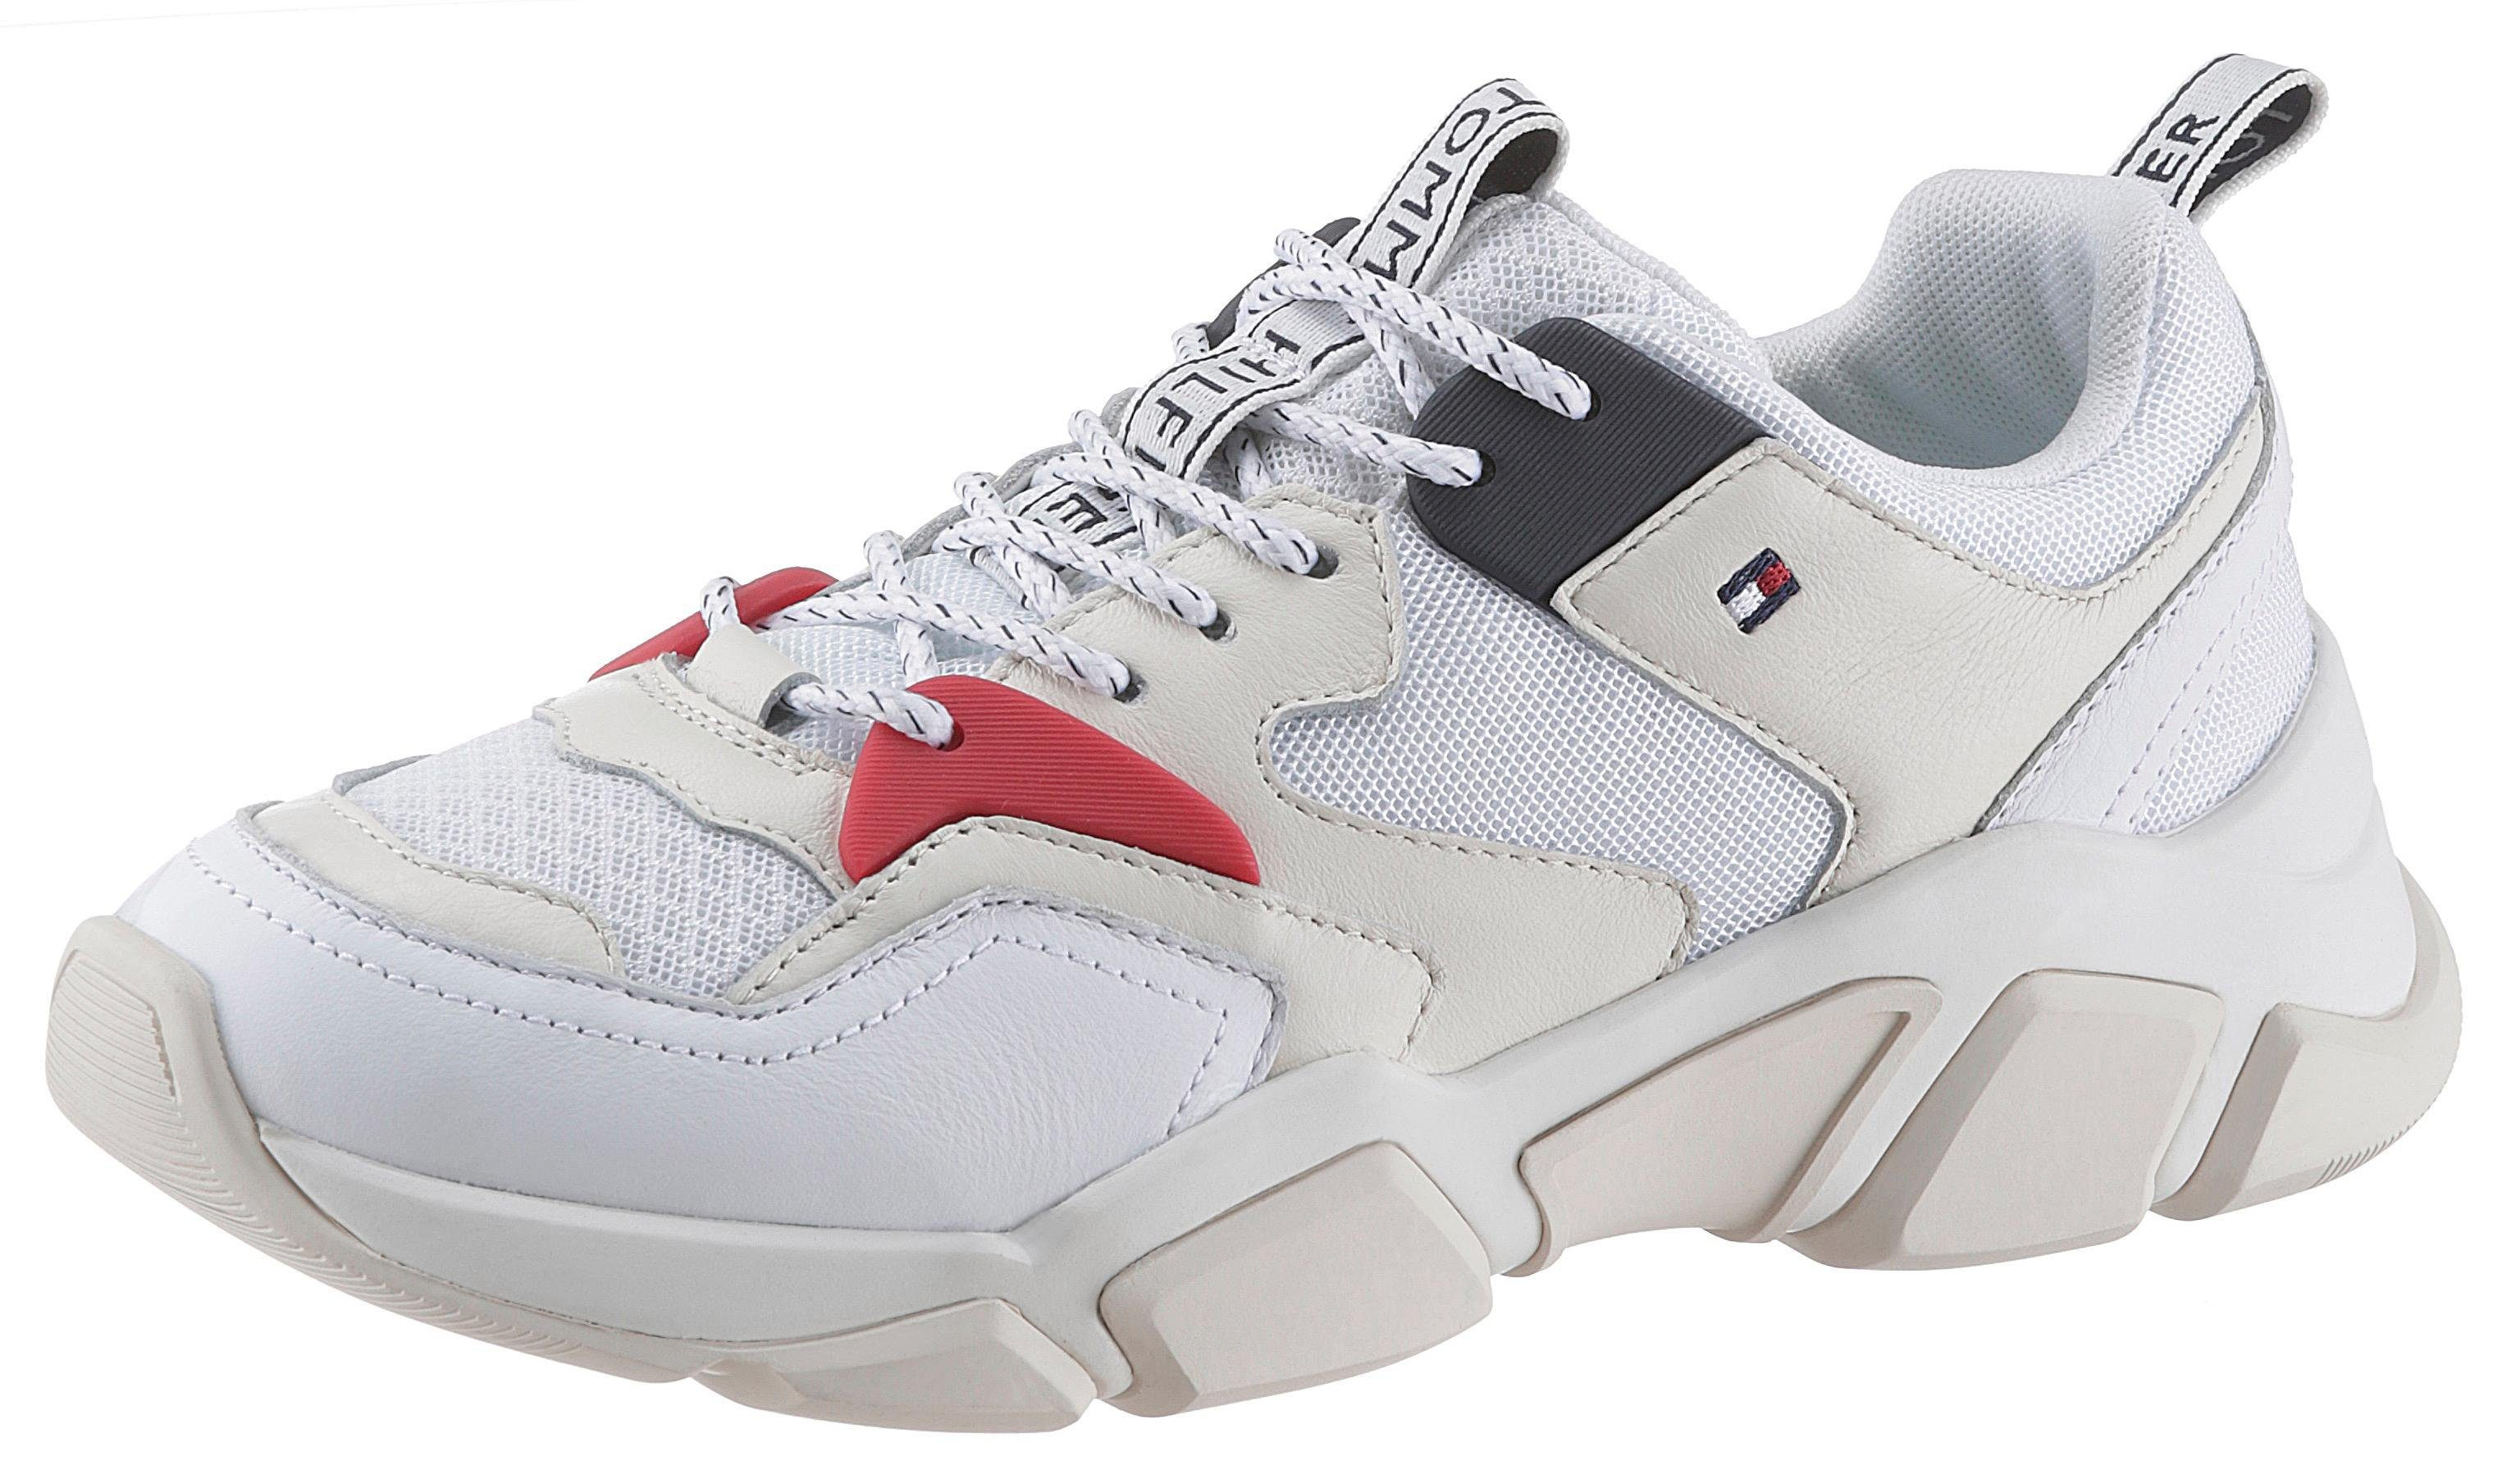 TOMMY HILFIGER »WMN CHUNKY MIXED TEXTILE TRAINER« Keilsneaker mit praktischer Anziehlasche online kaufen | OTTO